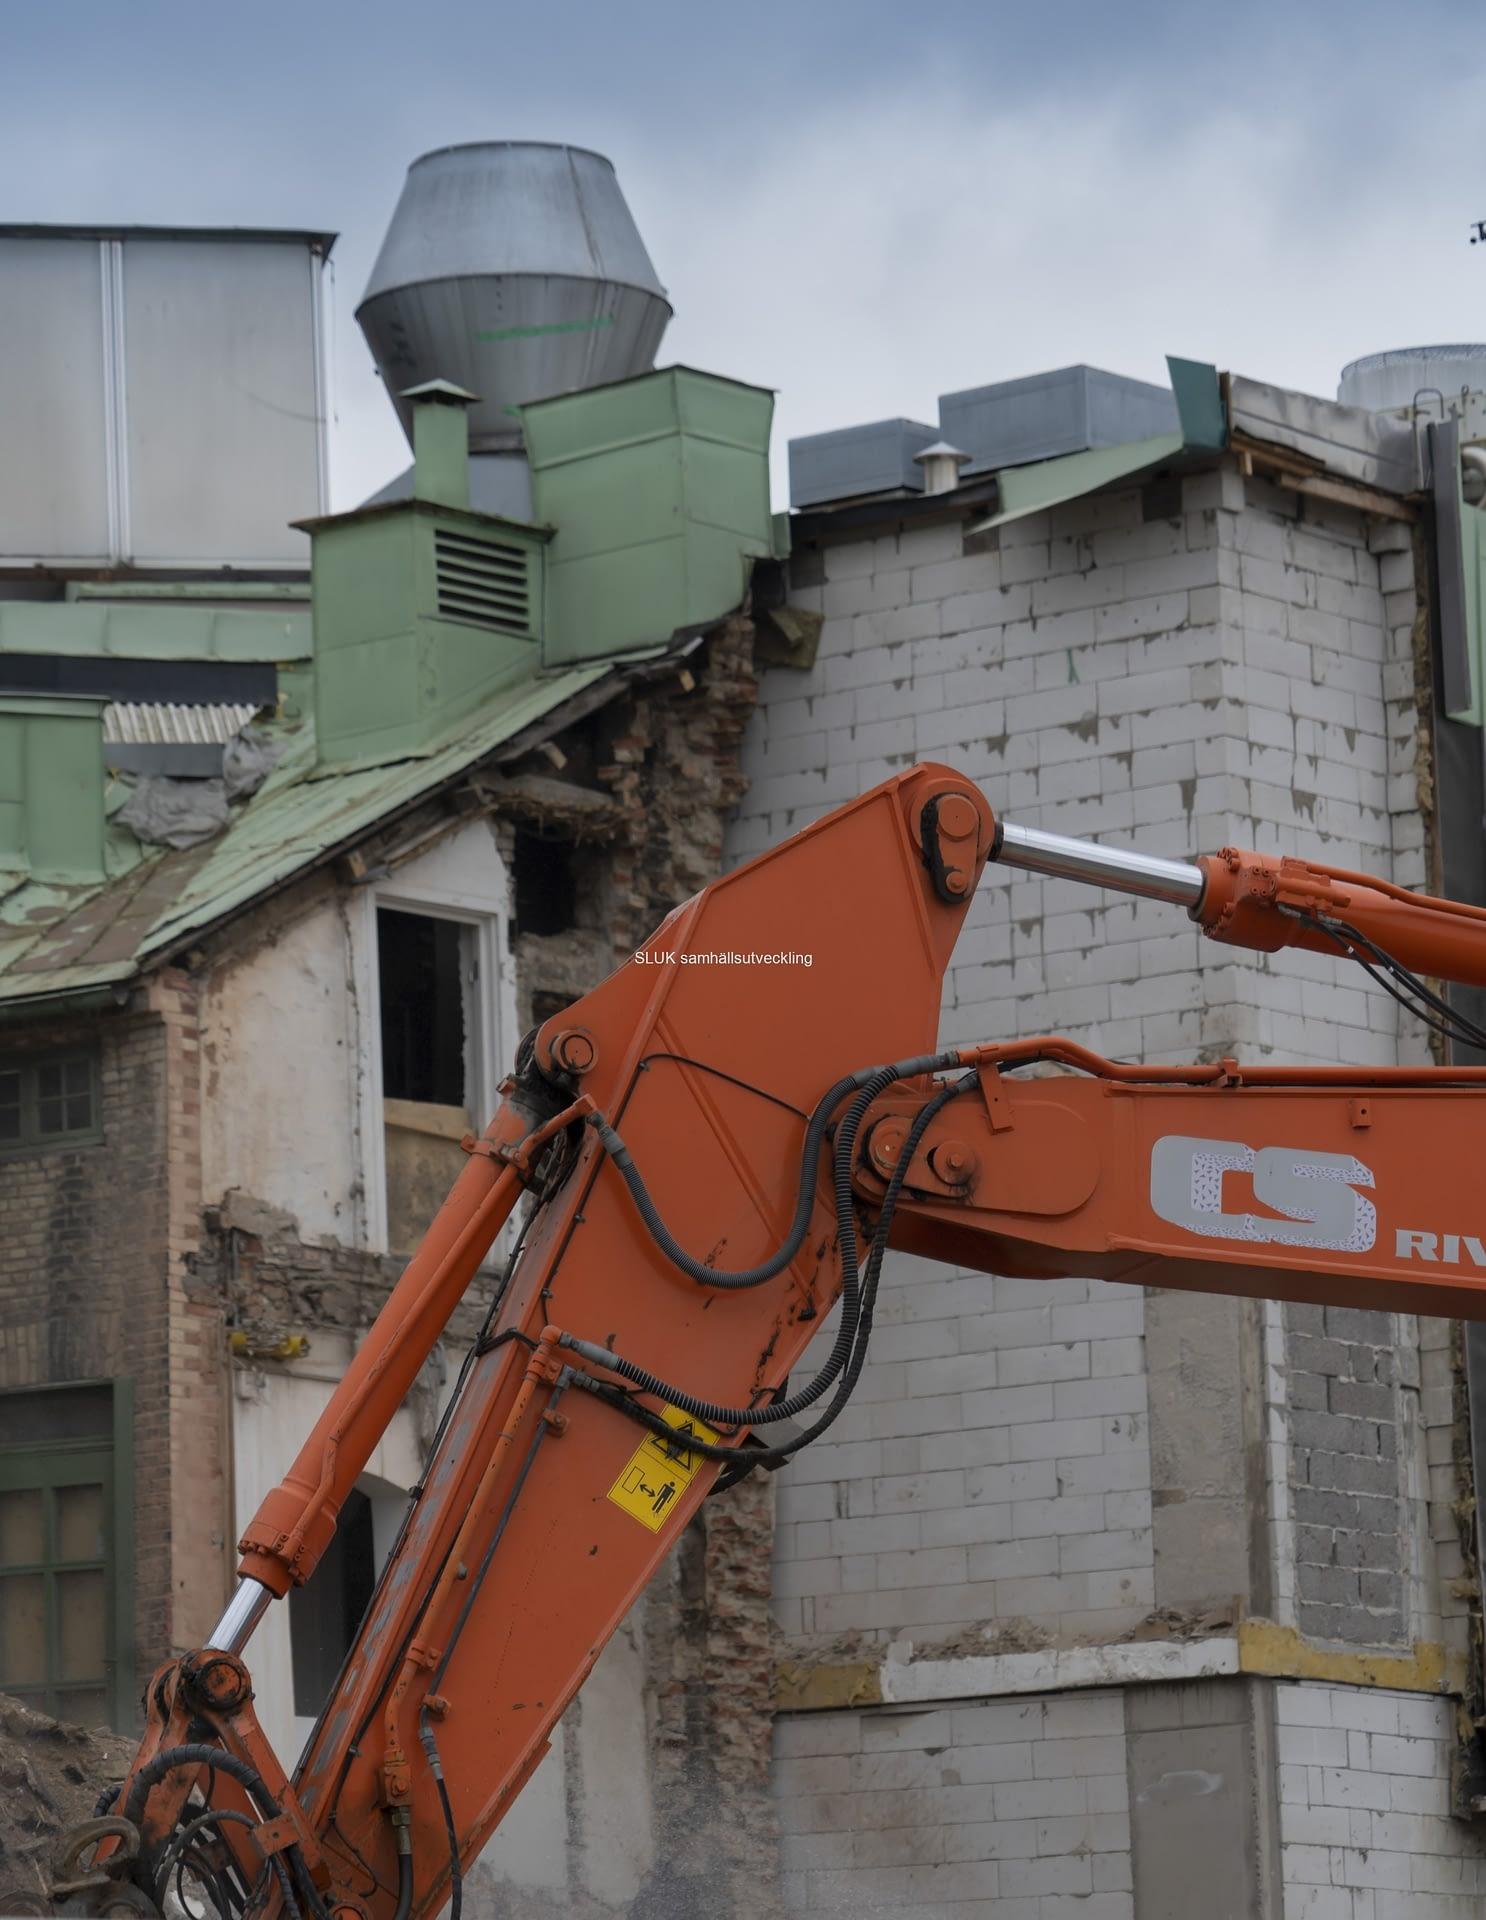 Snart finns inget kvar av byggnaden.